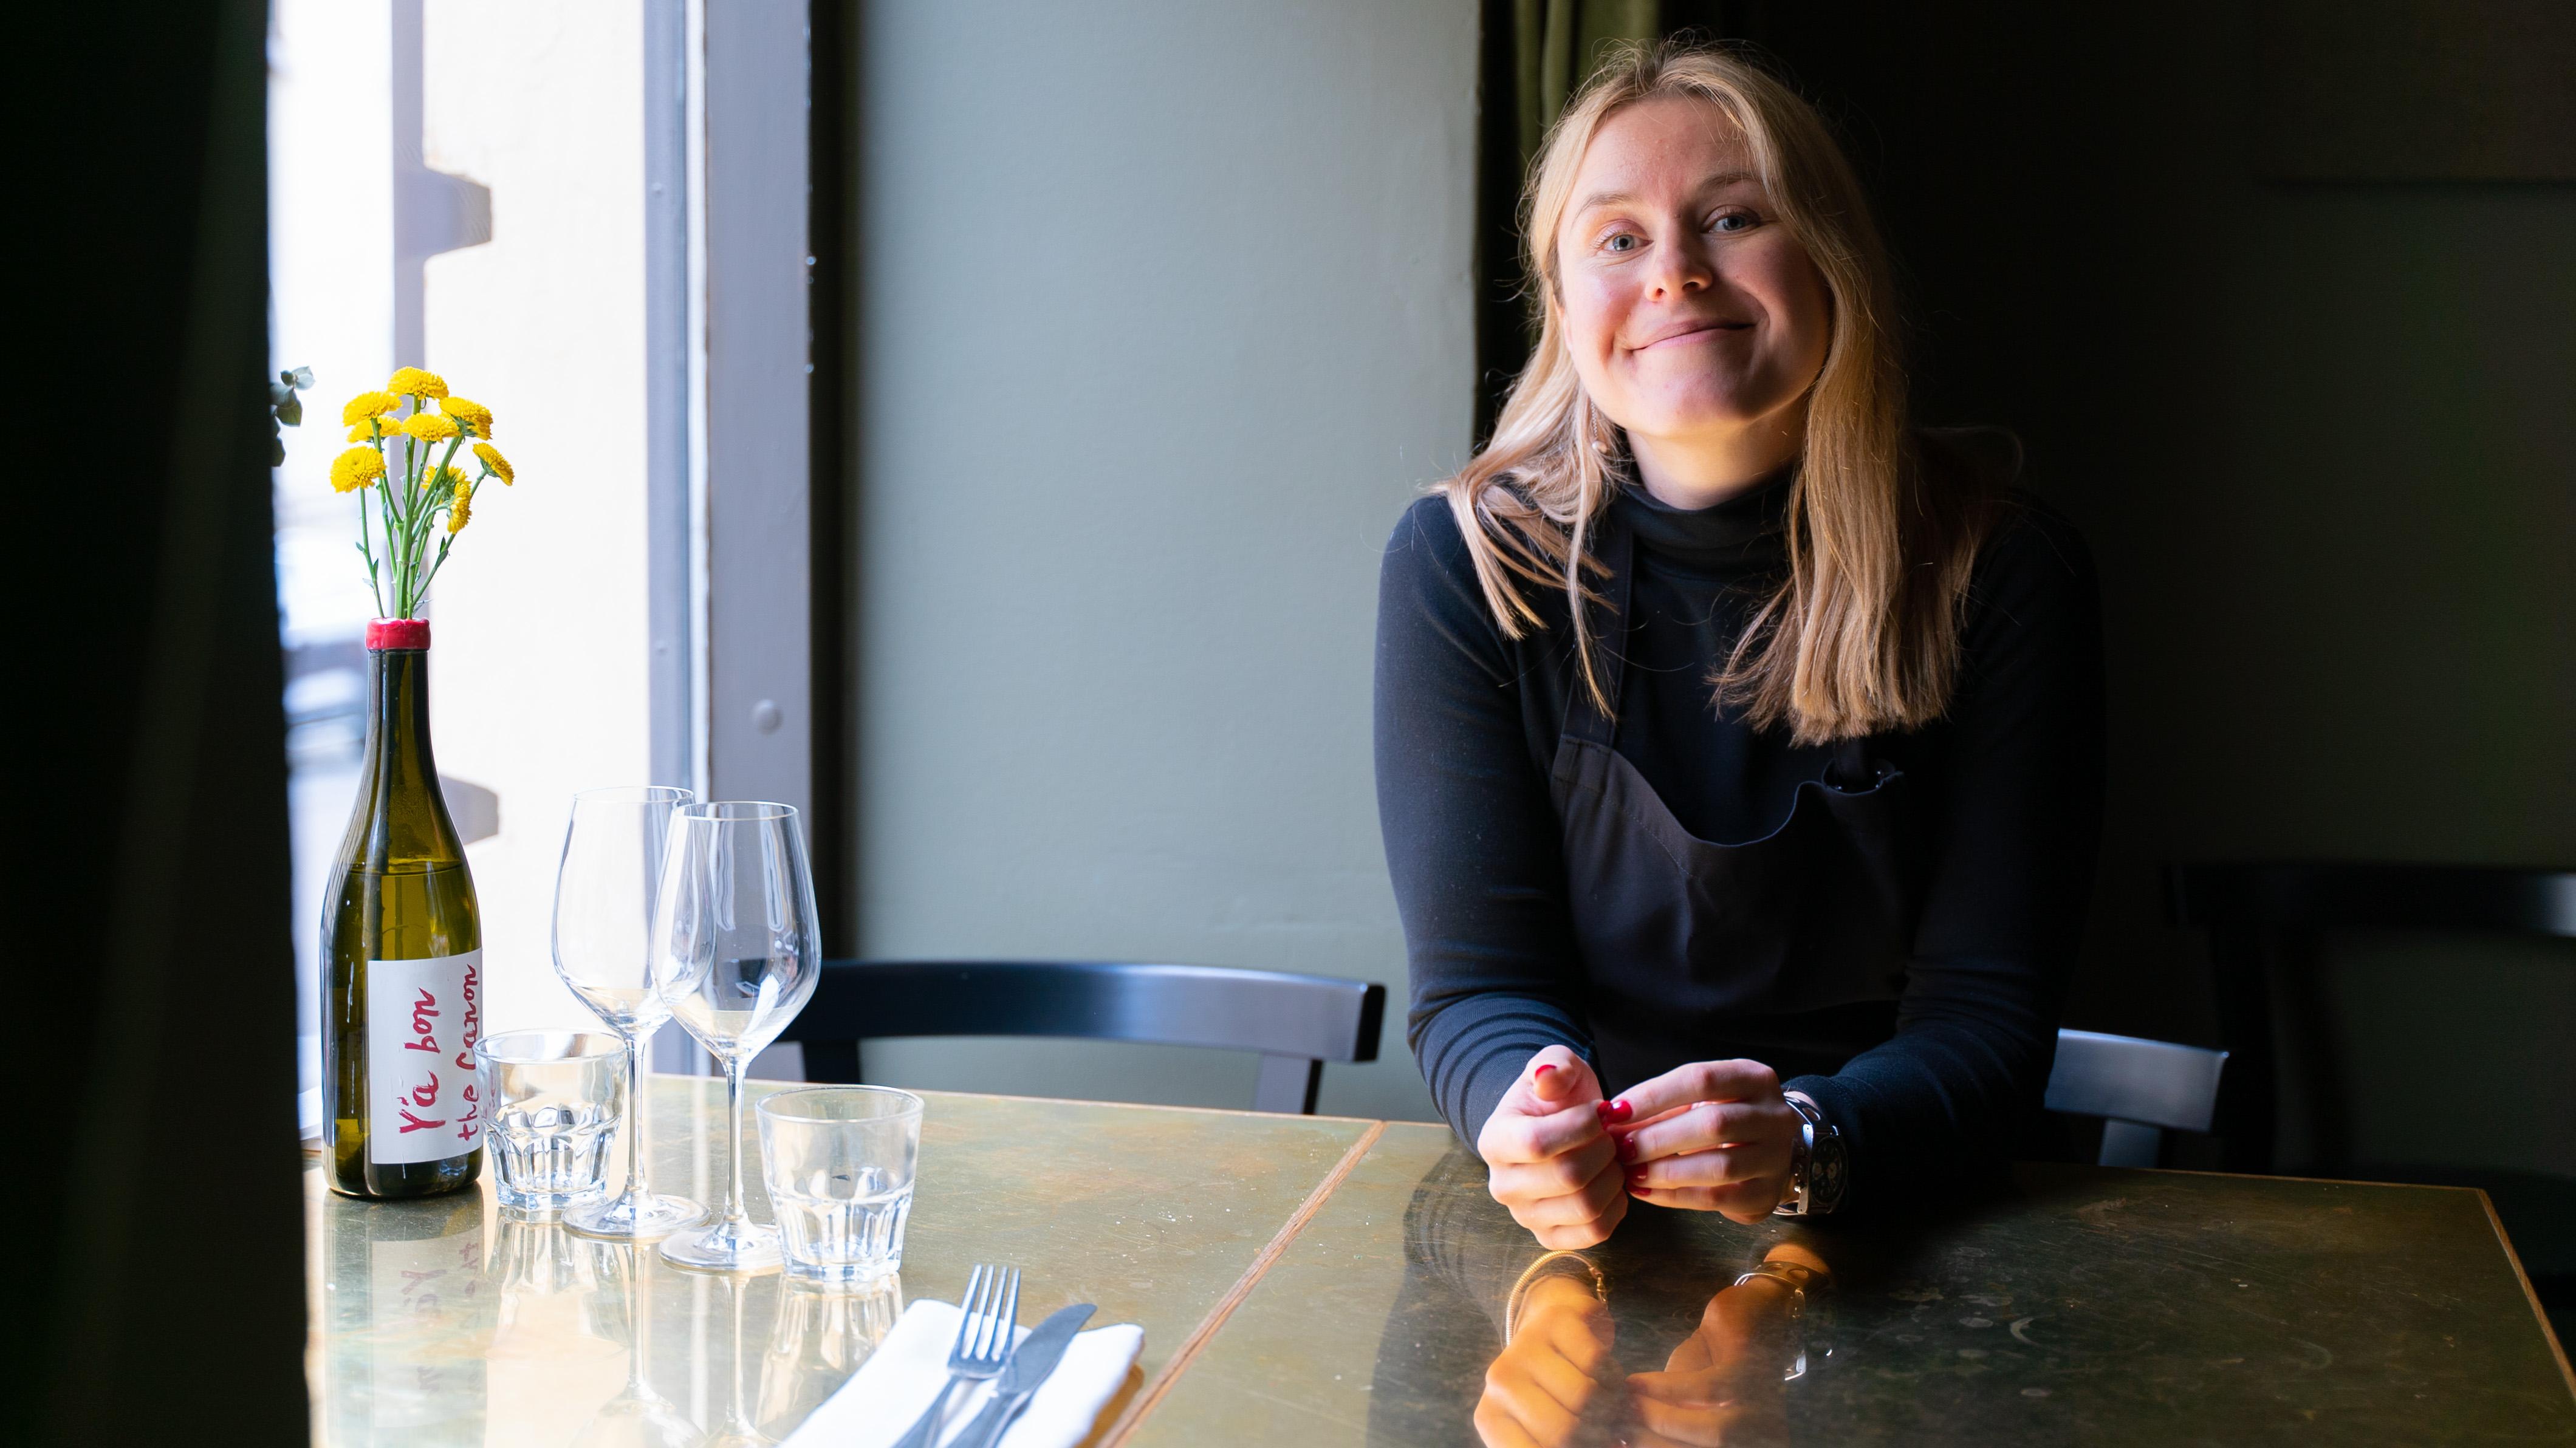 Ravintola Kuurnan kokemuksia Maestro Pro:sta